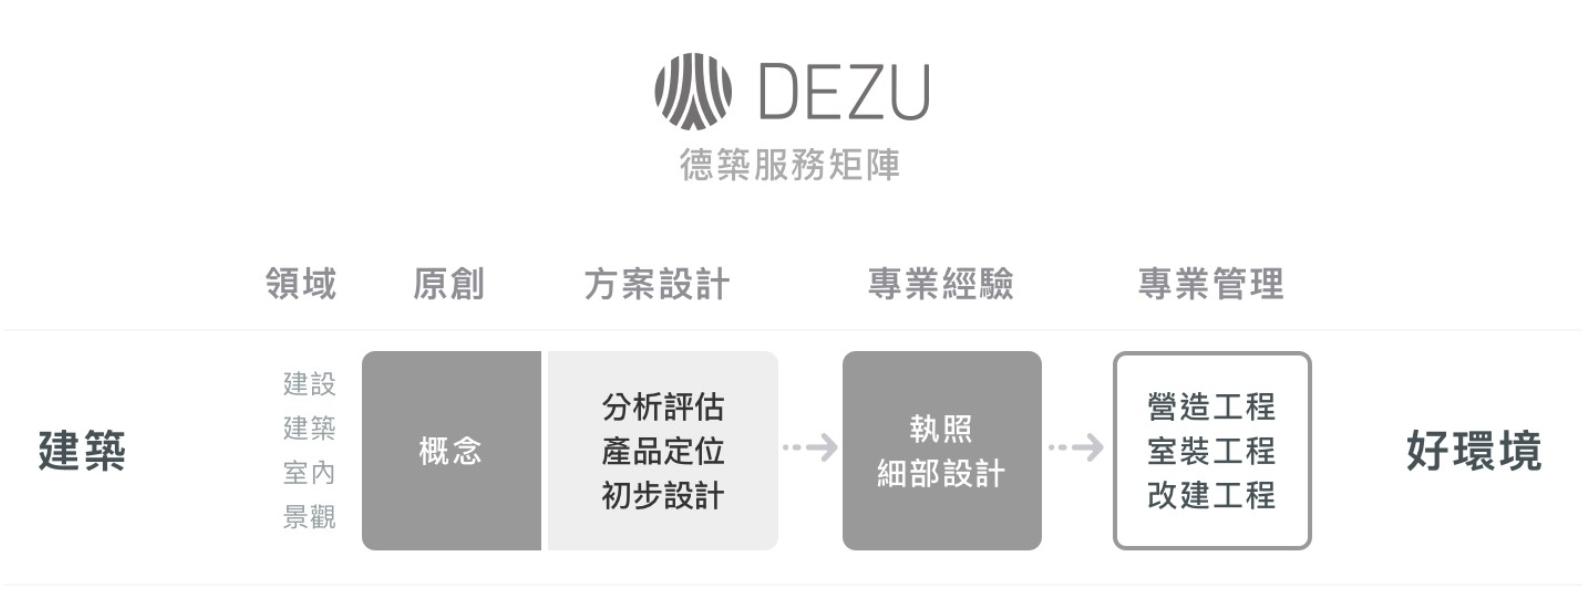 德築-DEZU-project-Zutian-service-matrix